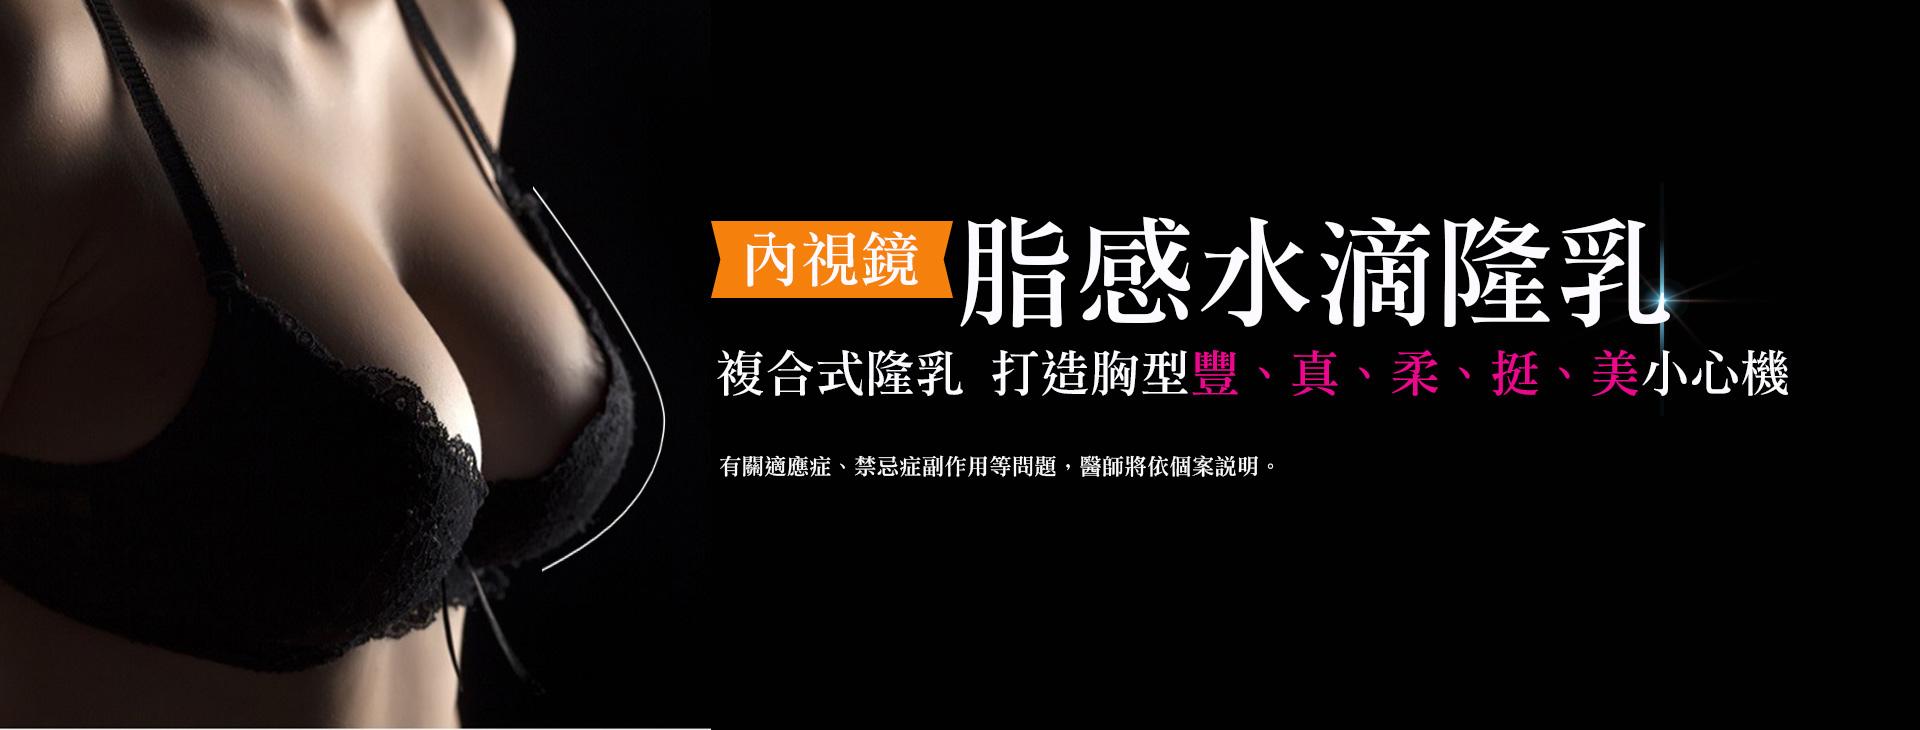 中壢醫學美容,彤顏診所,整形外科,隆鼻,脂感水滴隆乳,雙眼皮,果凍隆乳,抽脂,皮秒雷射